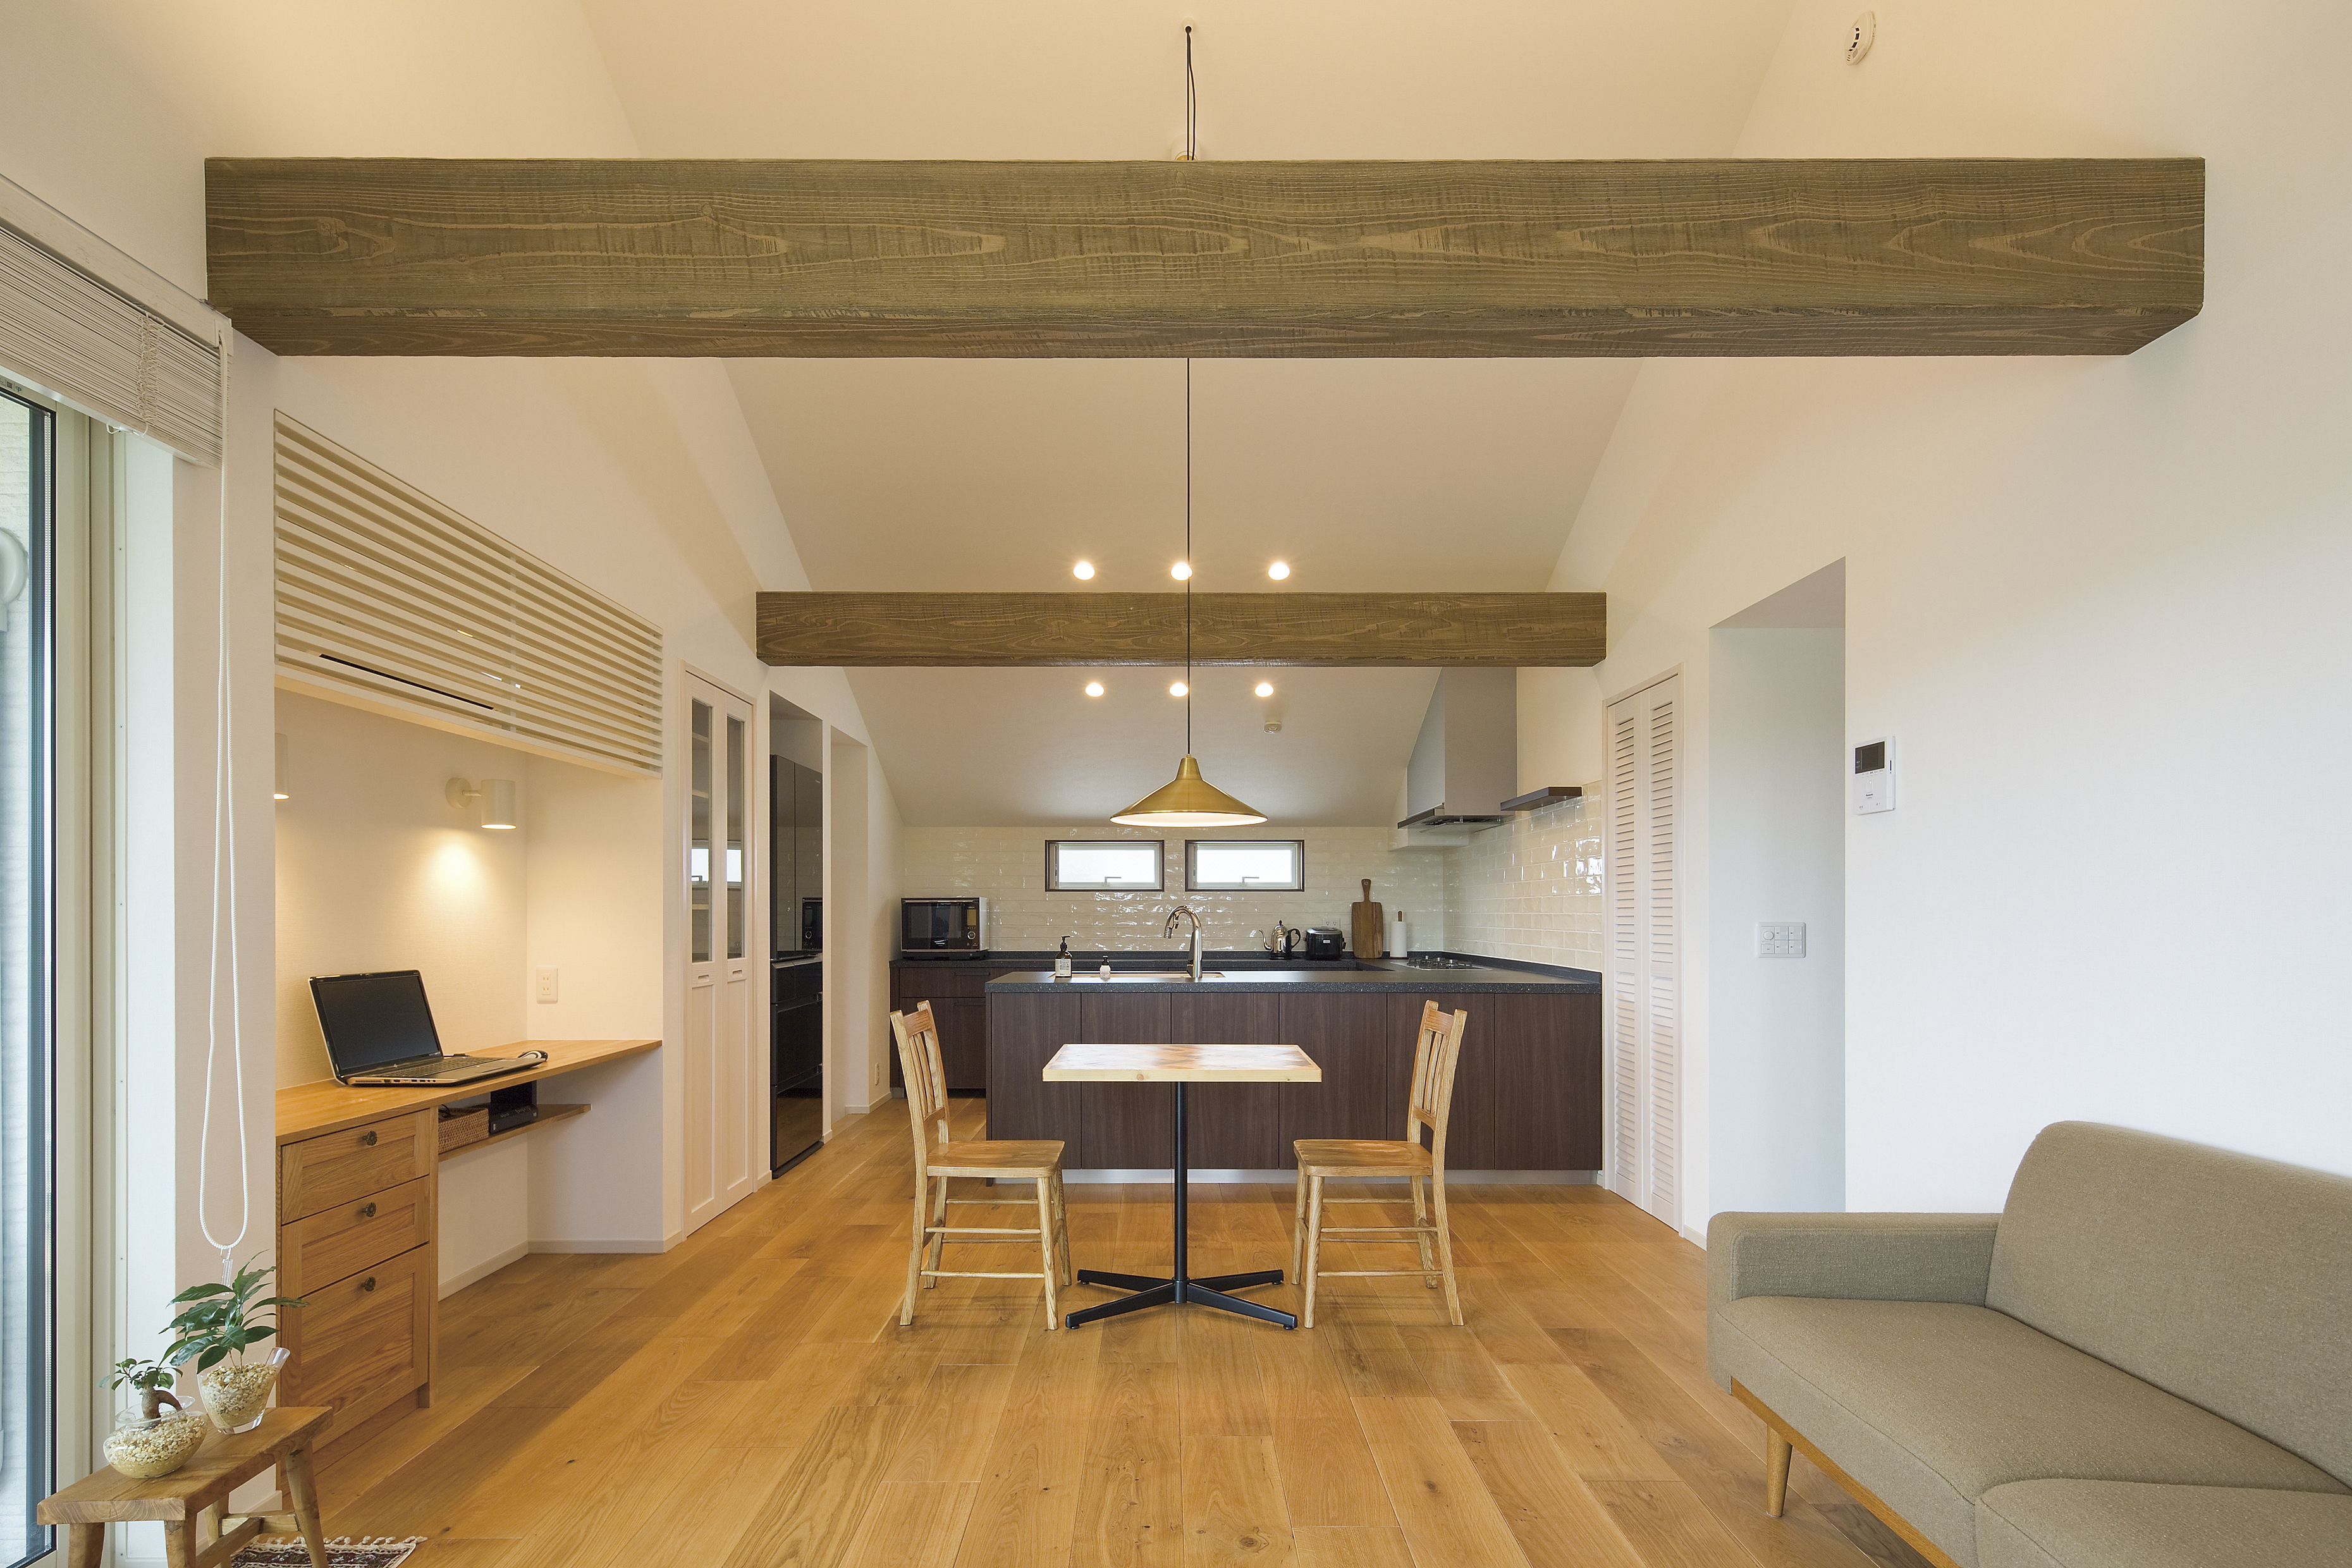 勾配天井の空間をよりキレイに見せるため、食器棚と冷蔵庫は壁面にぴったりと収まるビルトイン設計。